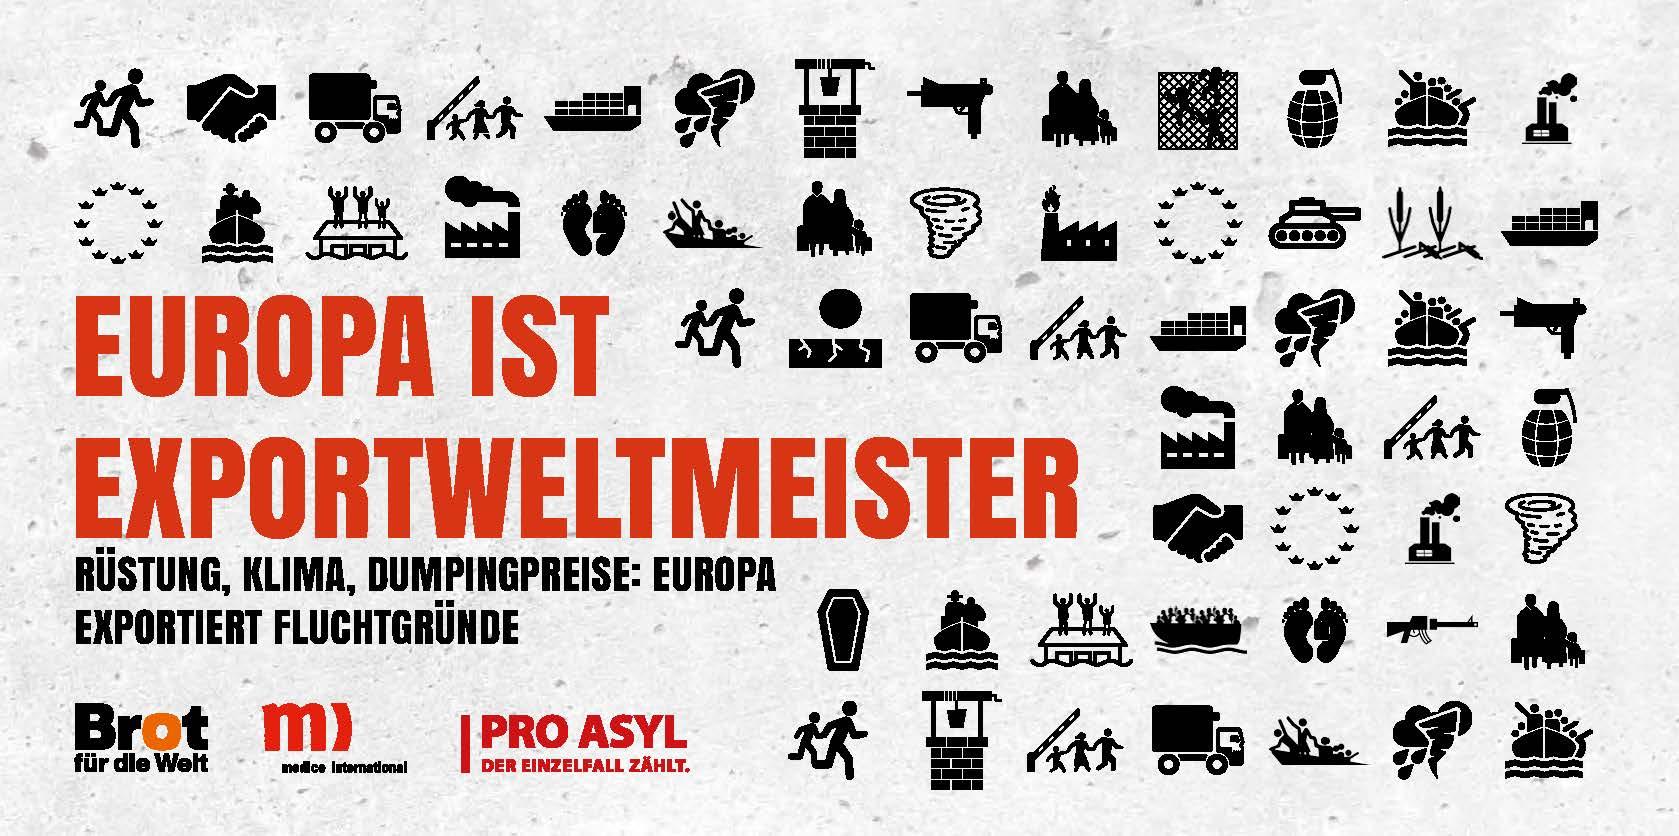 Faltblatt: Europa ist Exportweltmeister